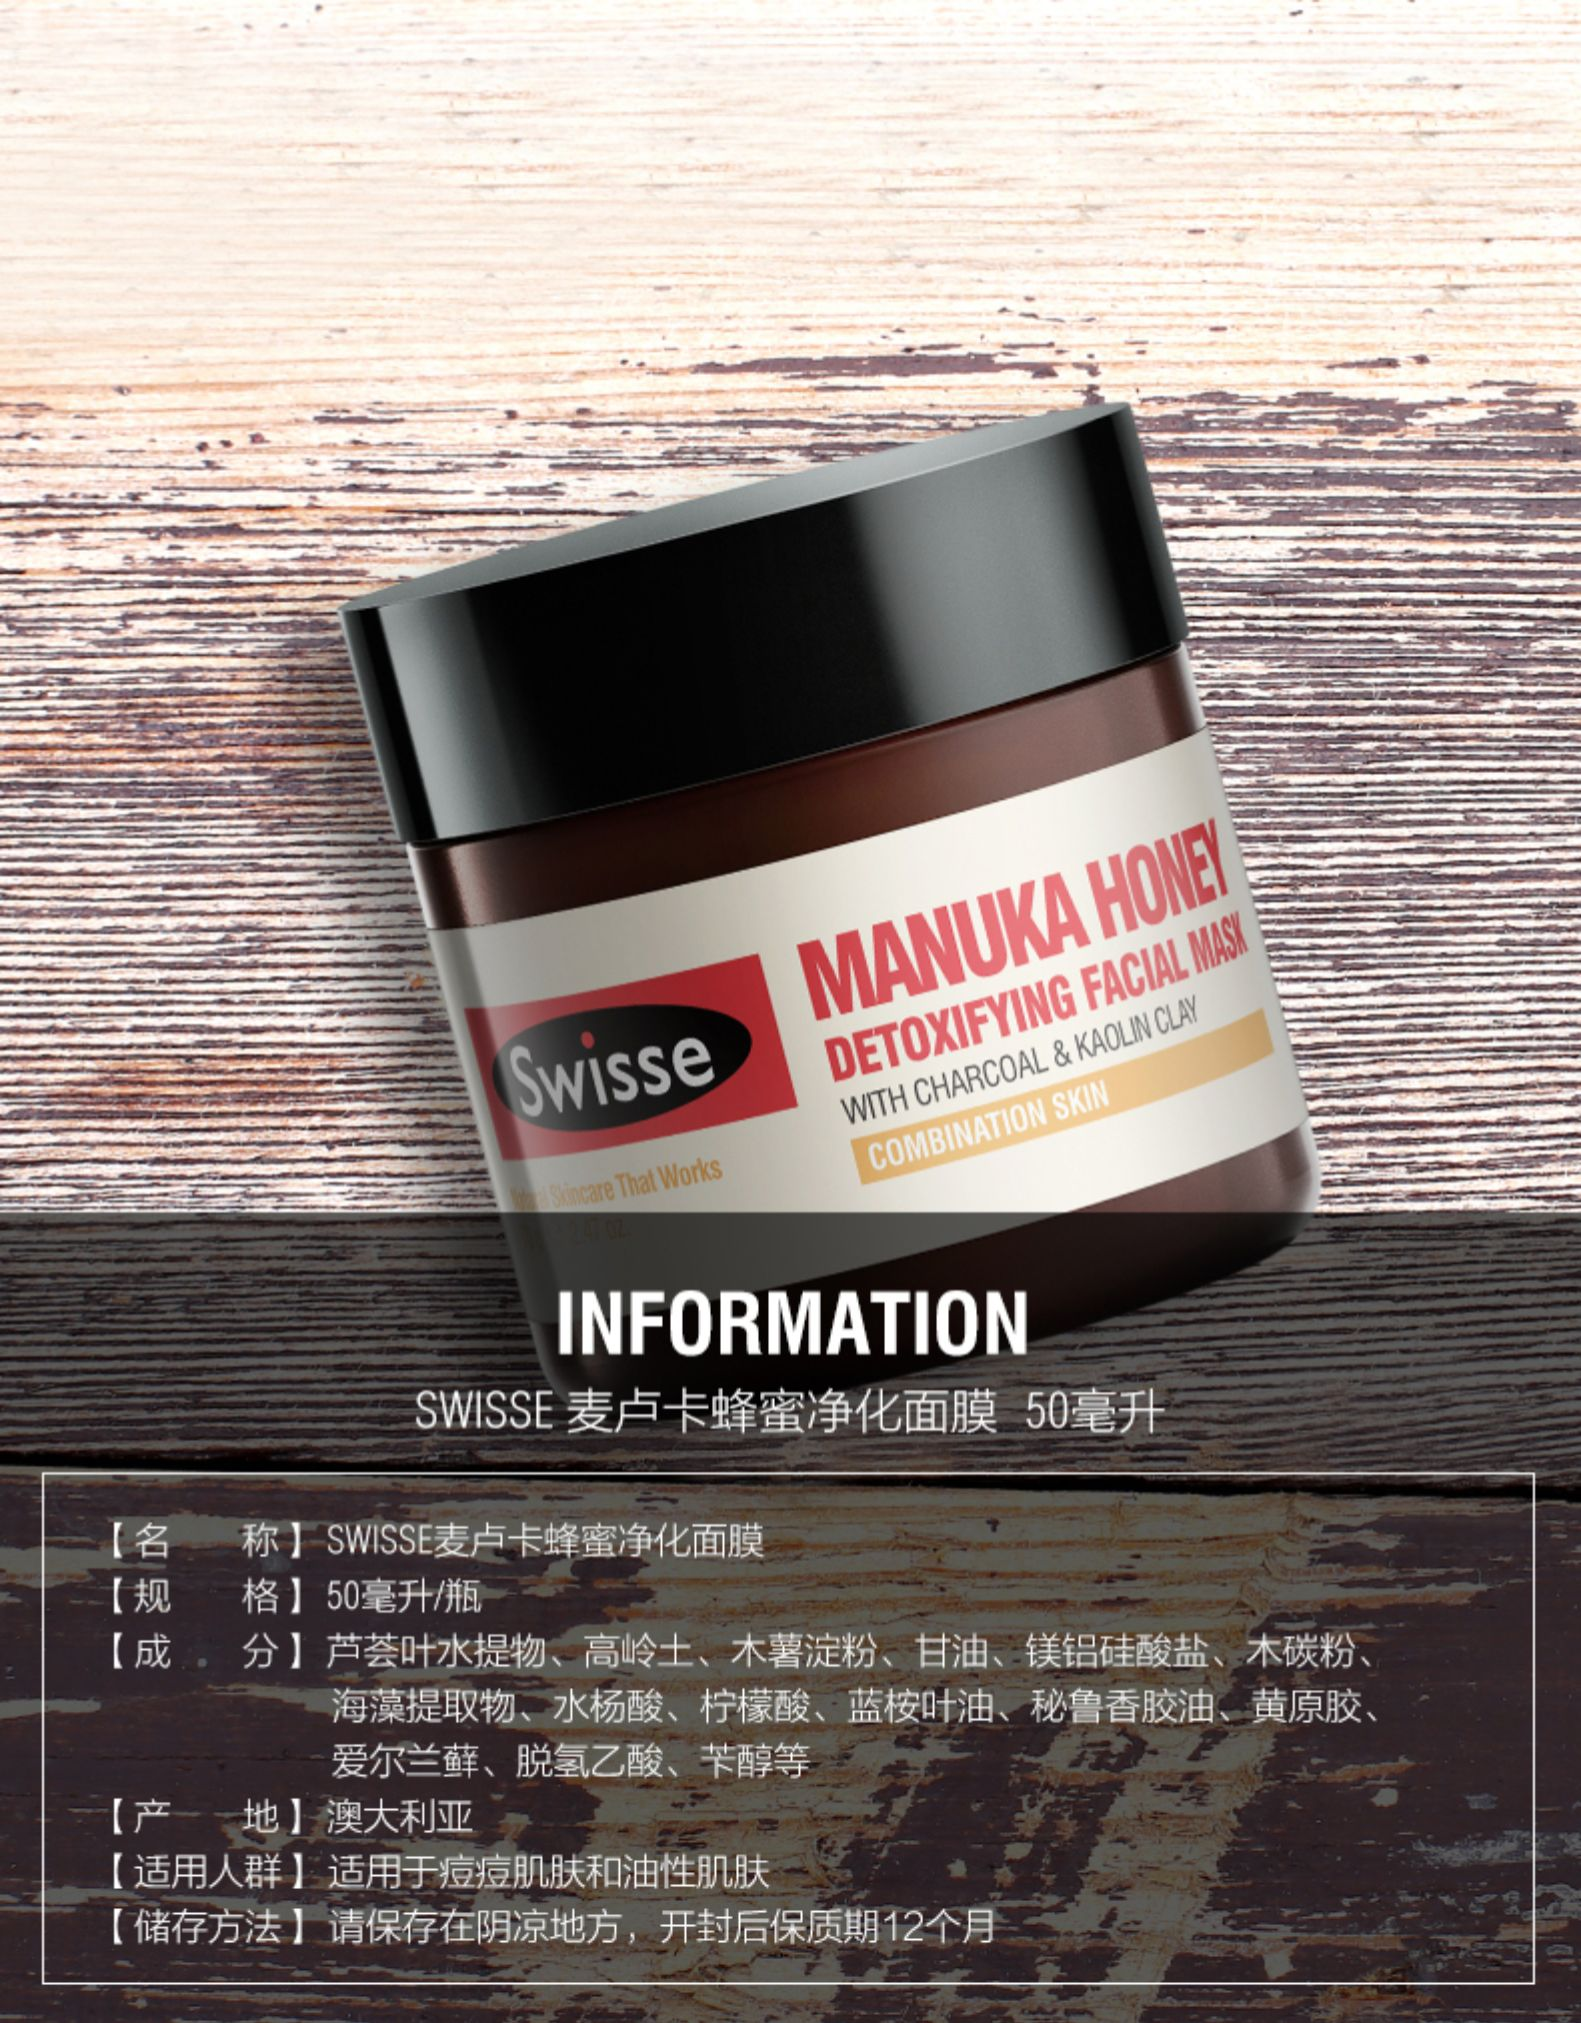 澳洲swisse进口麦卢卡蜂蜜面膜 深层清洁滋润面膜¥149.00 我们的产品 第6张